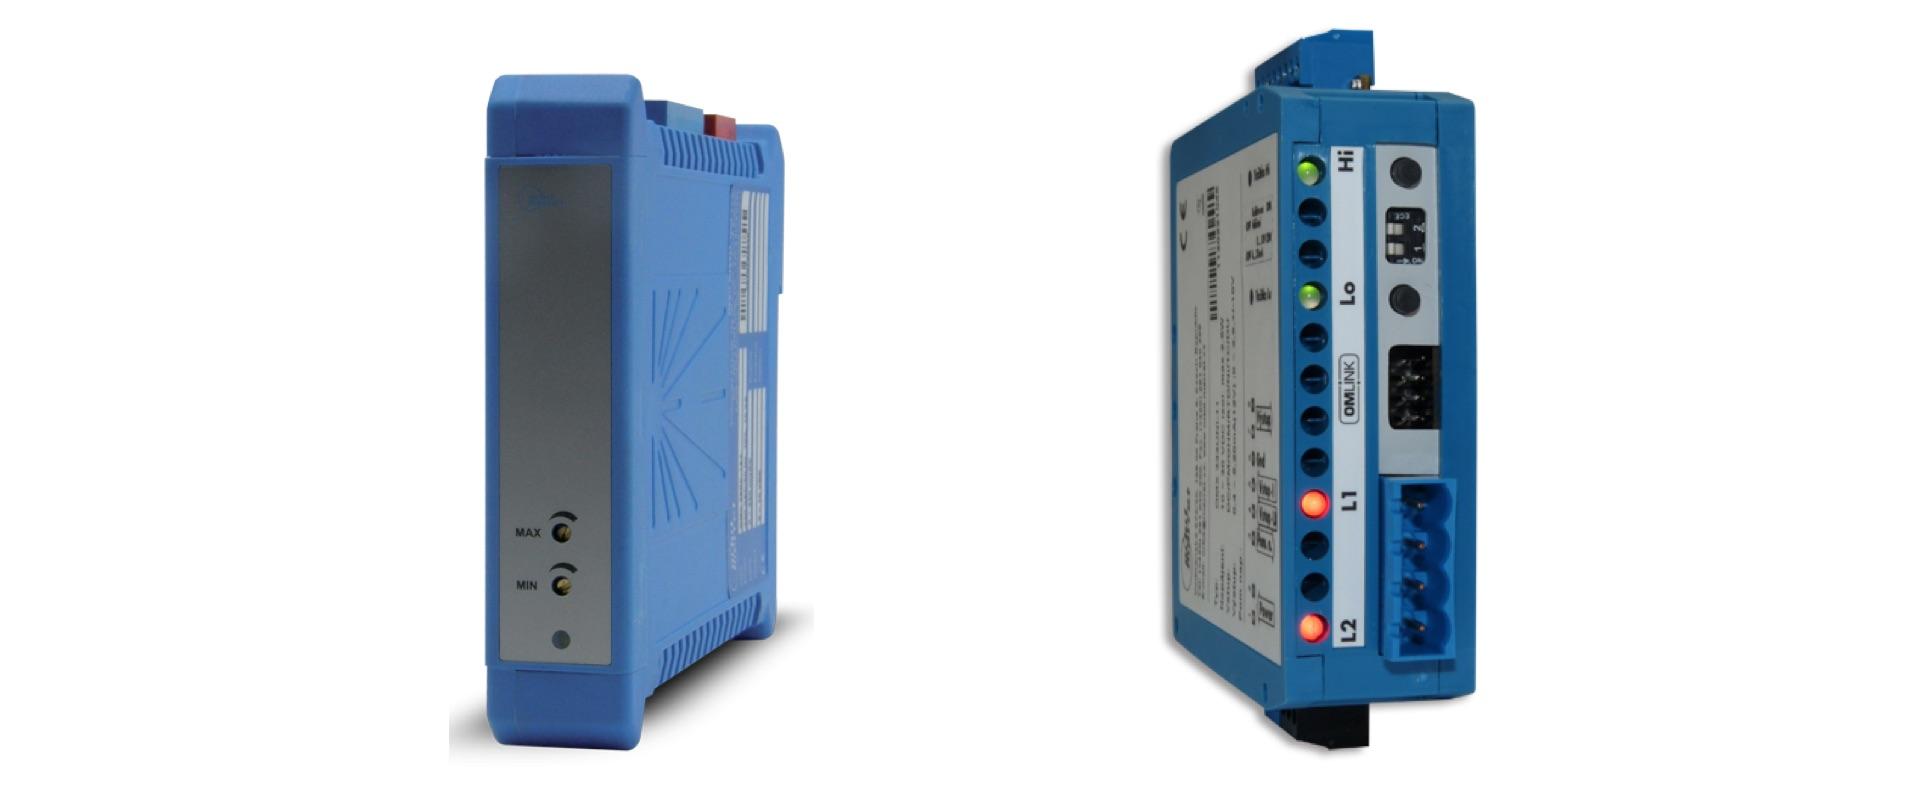 Bộ chuyển tín hiệu 4-20mA sang 0-10v